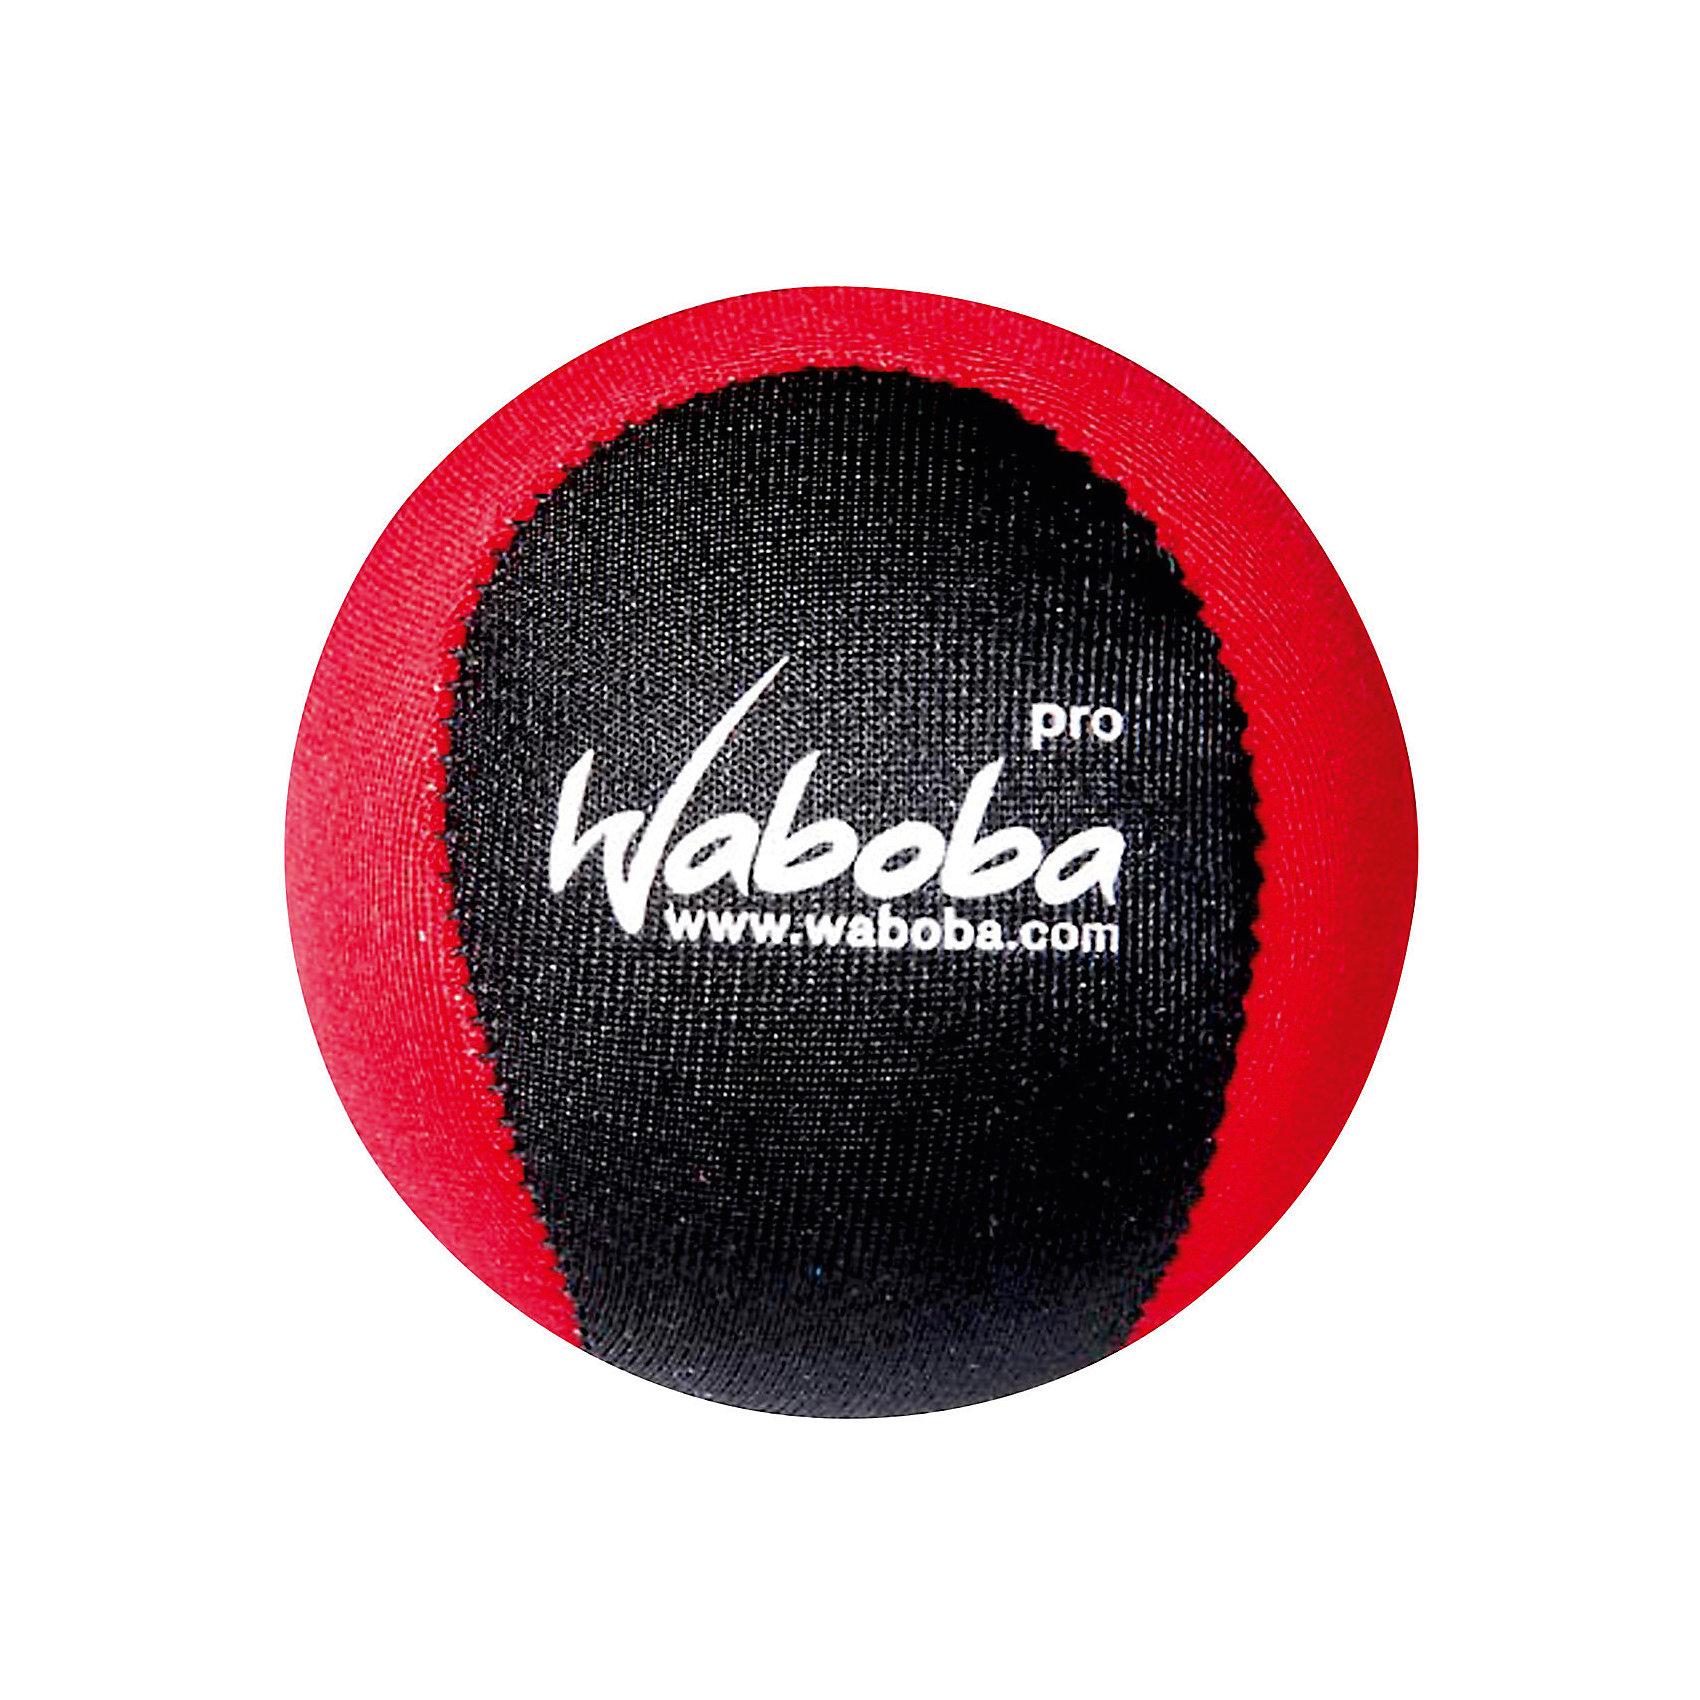 Мяч Waboba Ball Pro, WabobaИгровые наборы<br>Характеристики товара:<br><br>• материал: полимер<br>• диаметр: 6 см<br>• цвет: красный/чёрный<br>• прочный материал<br>• стабильная траектория<br>• возраст: от 3 лет<br>• вес: 100 г<br>• страна бренда: Швеция<br>• страна производства: Китай<br><br>Новый вид активного пляжного отдыха: игры с мячами, отскакивающими от воды. Мячи Waboba - это отличный способ весело провести время всей семьей, с детьми или большой компанией. Мячи сделаны из прочного полимерного материала, они отлично держатся на воде, имею яркую расцветку.<br><br>Данная модификация разрабатывалась для использования во время соревнований - его траектория полета этого мяча очень стабильная, и опытные игроки могут легко ее просчитать. Отличный подарок для тех, кто уже увлекся мячами Waboba!<br><br>Мяч, отскакивающий от воды, Waboba Ball Pro, от популярного бренда Waboba можно купить в нашем интернет-магазине.<br><br>Ширина мм: 60<br>Глубина мм: 60<br>Высота мм: 60<br>Вес г: 110<br>Возраст от месяцев: 36<br>Возраст до месяцев: 192<br>Пол: Унисекс<br>Возраст: Детский<br>SKU: 5482367